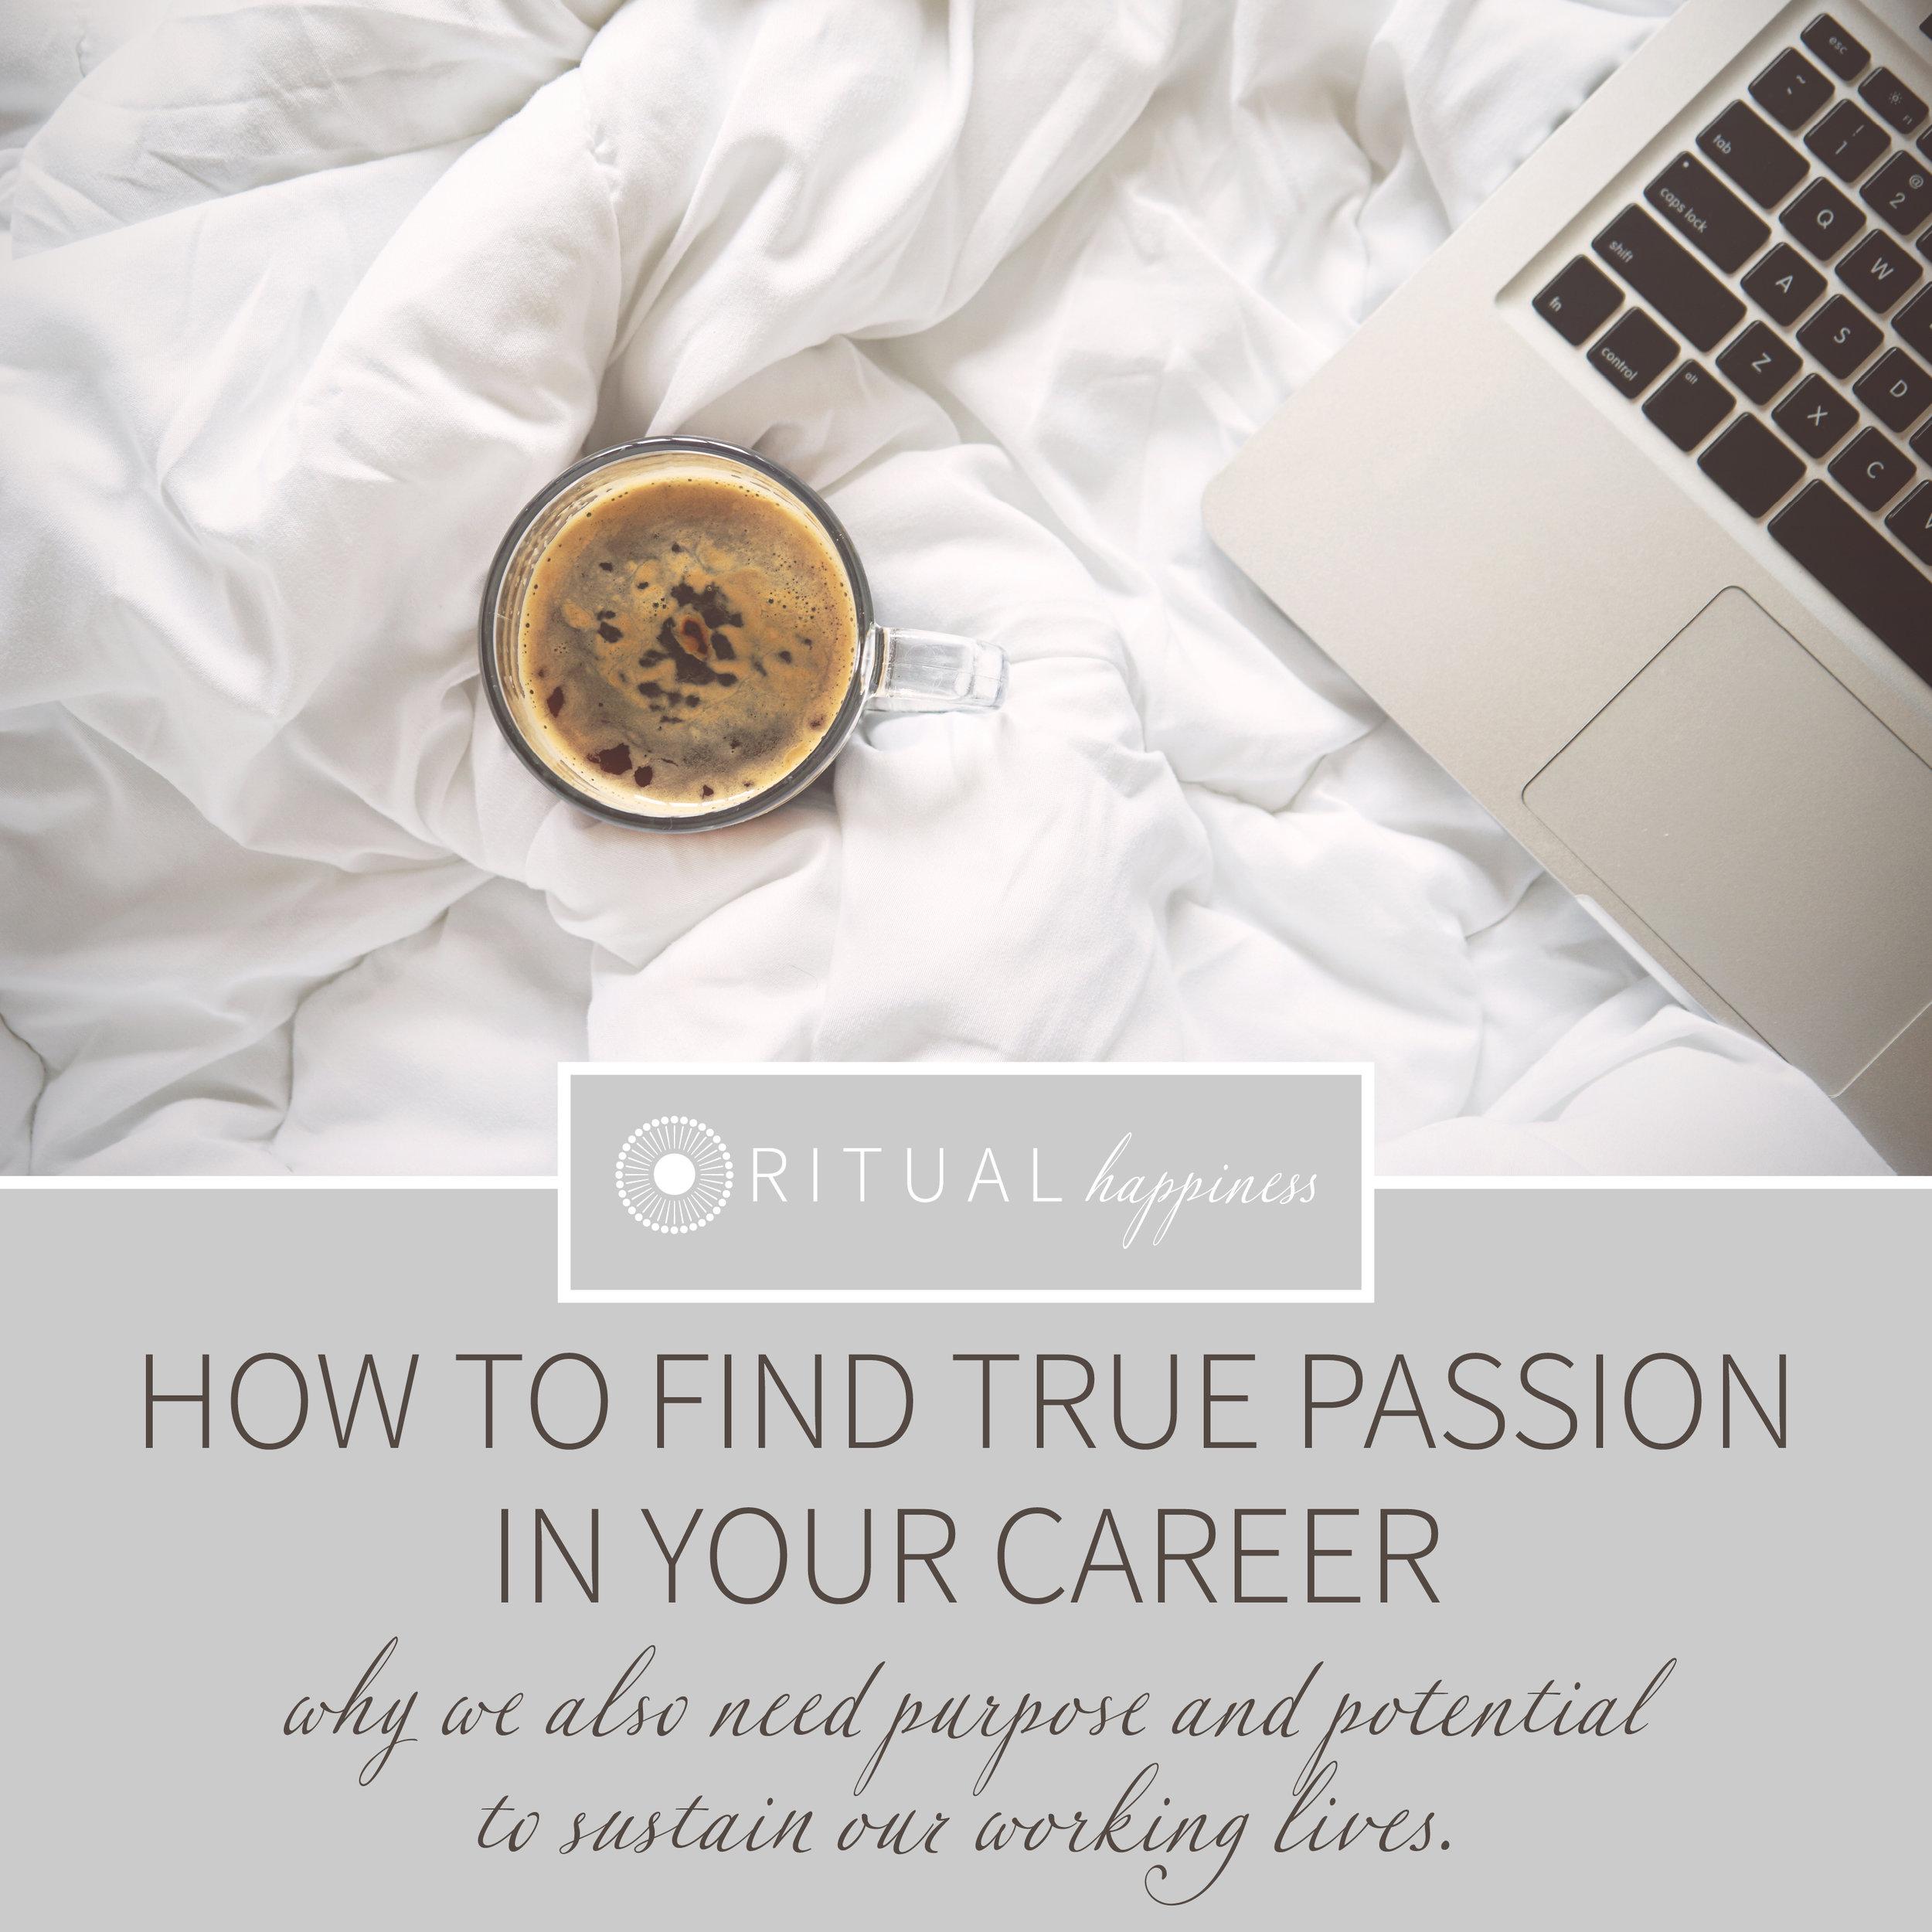 truepassion_career.jpg